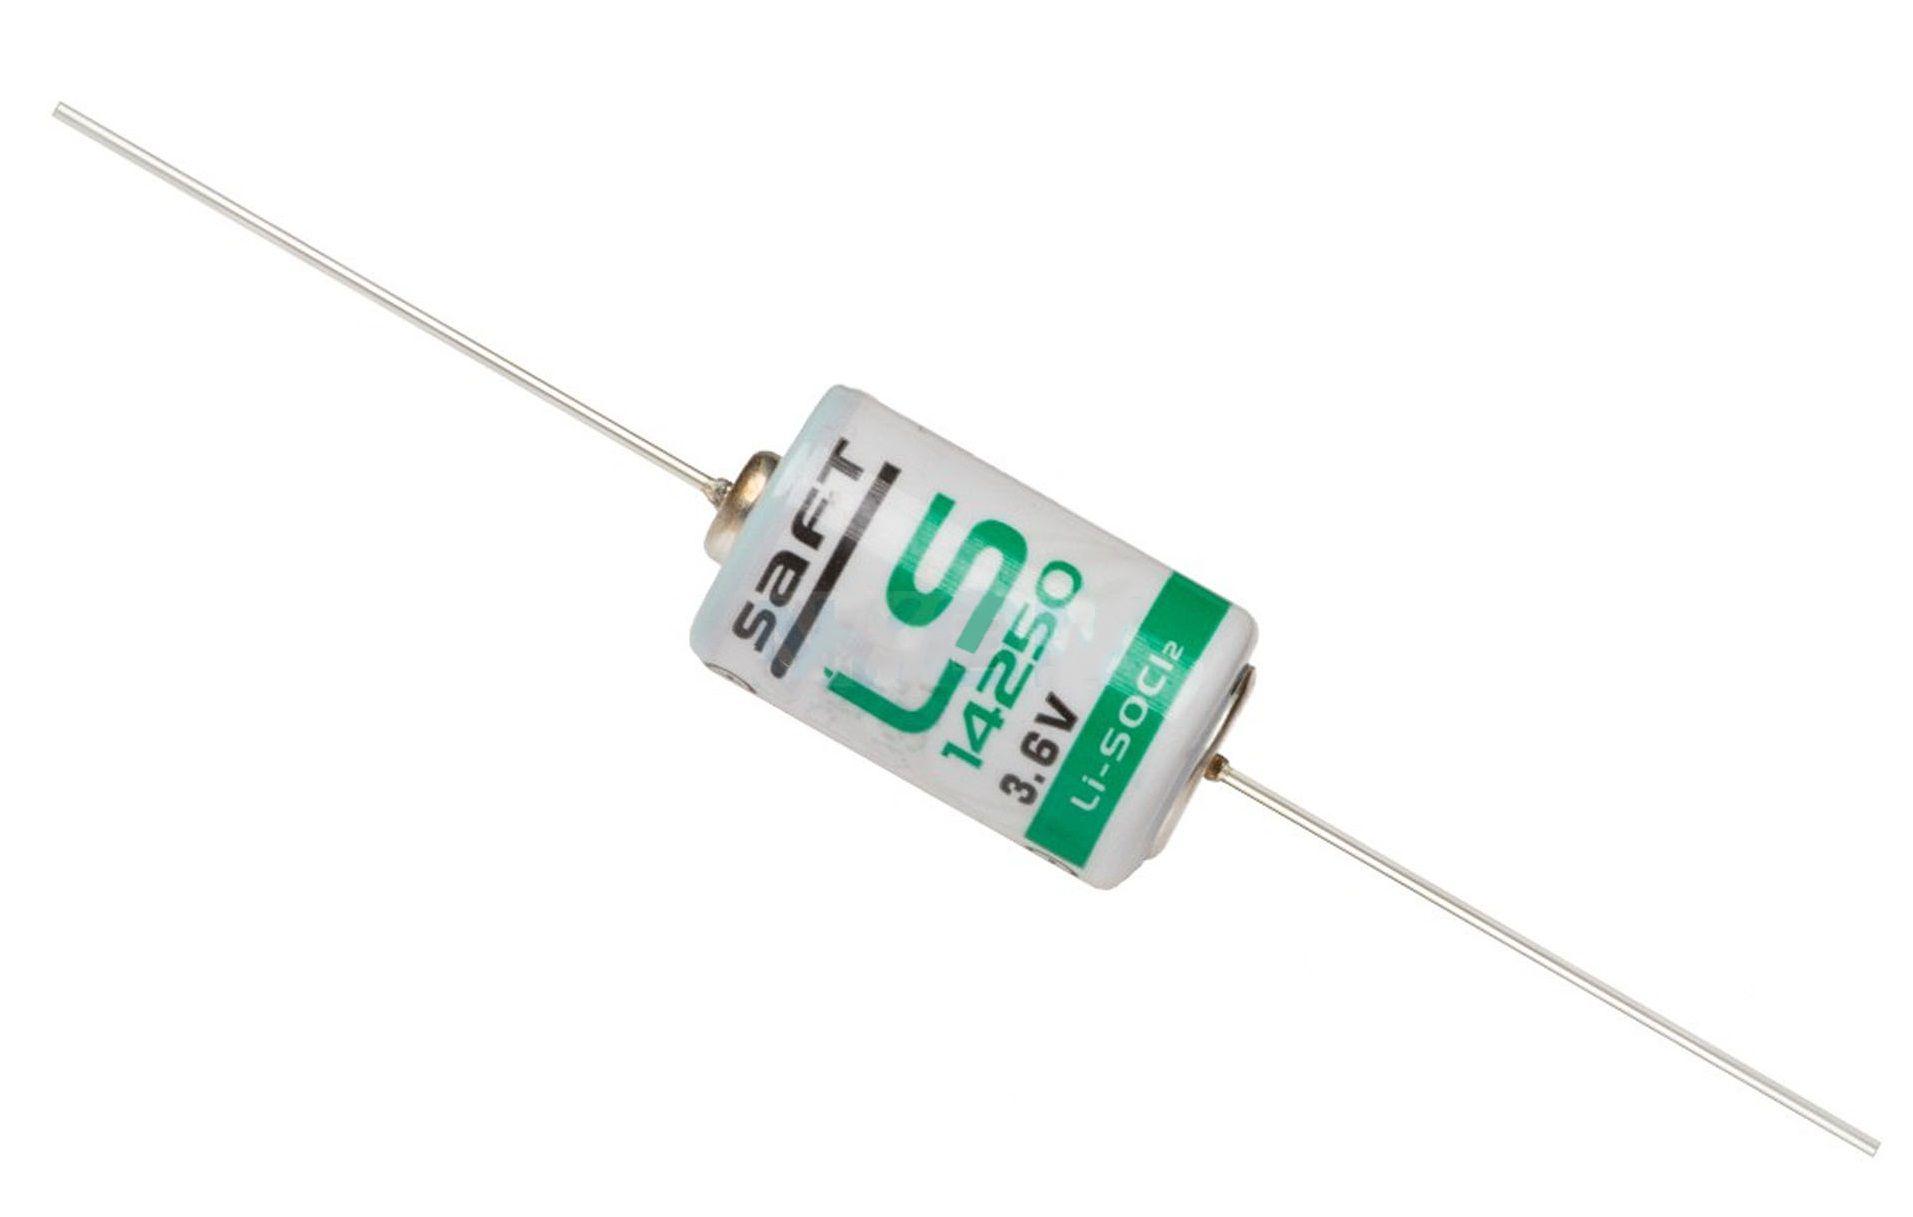 BATERIA DE LITHIUM 3,6V LS14250 AXIAL SAFT